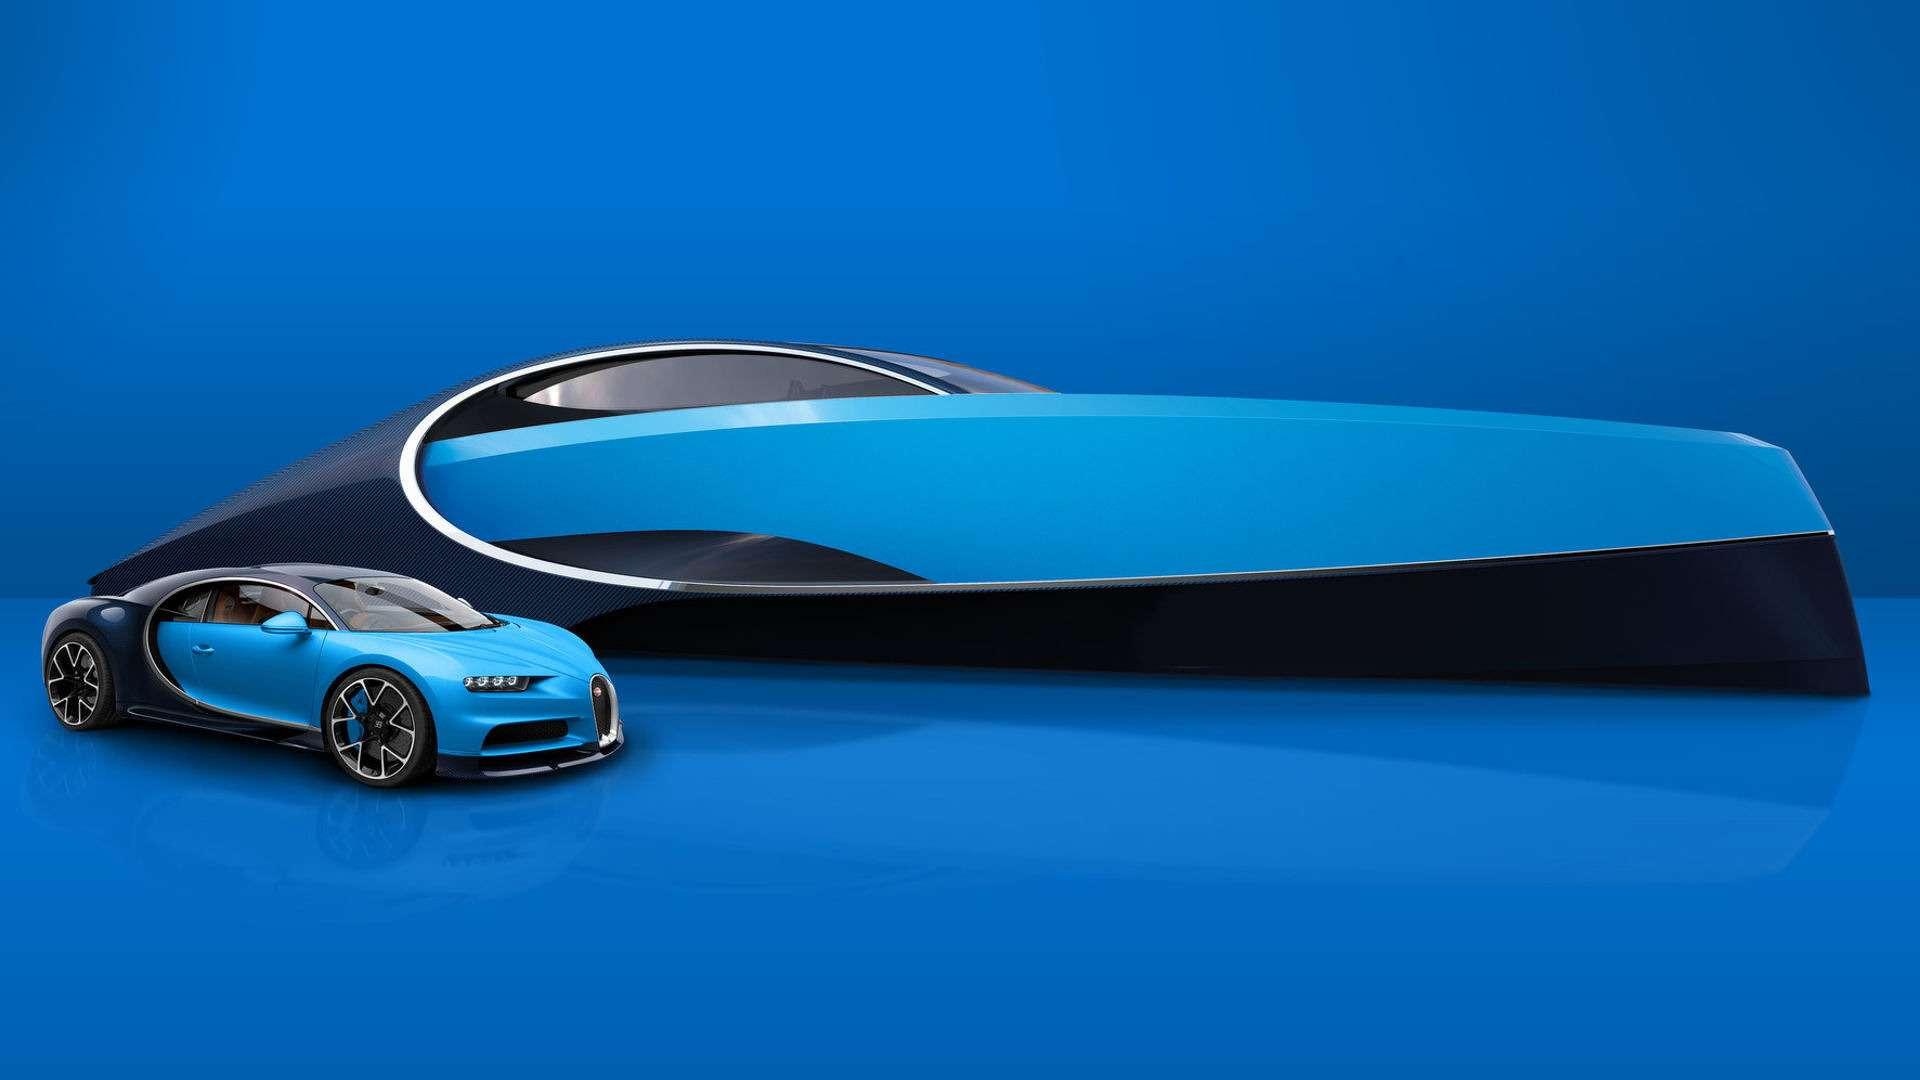 Наволне Широна: подмаркой Bugatti теперь можно купить яхту— фото 720154